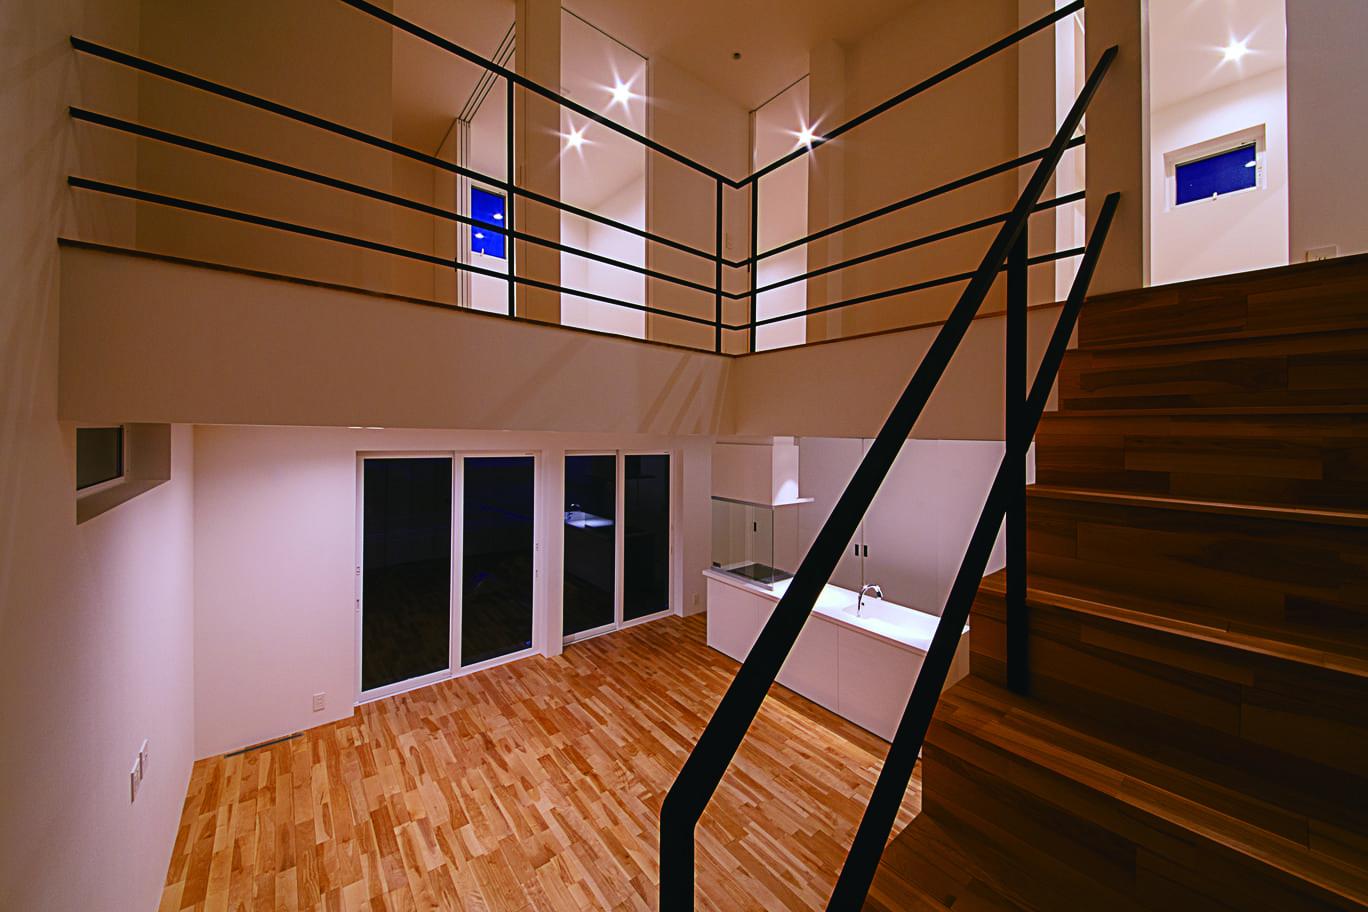 インフィルプラス【デザイン住宅、収納力、間取り】吹抜けを囲むように廊下と手すりを設け、建具は最小限にして、ひとつながりのオープン空間を実現